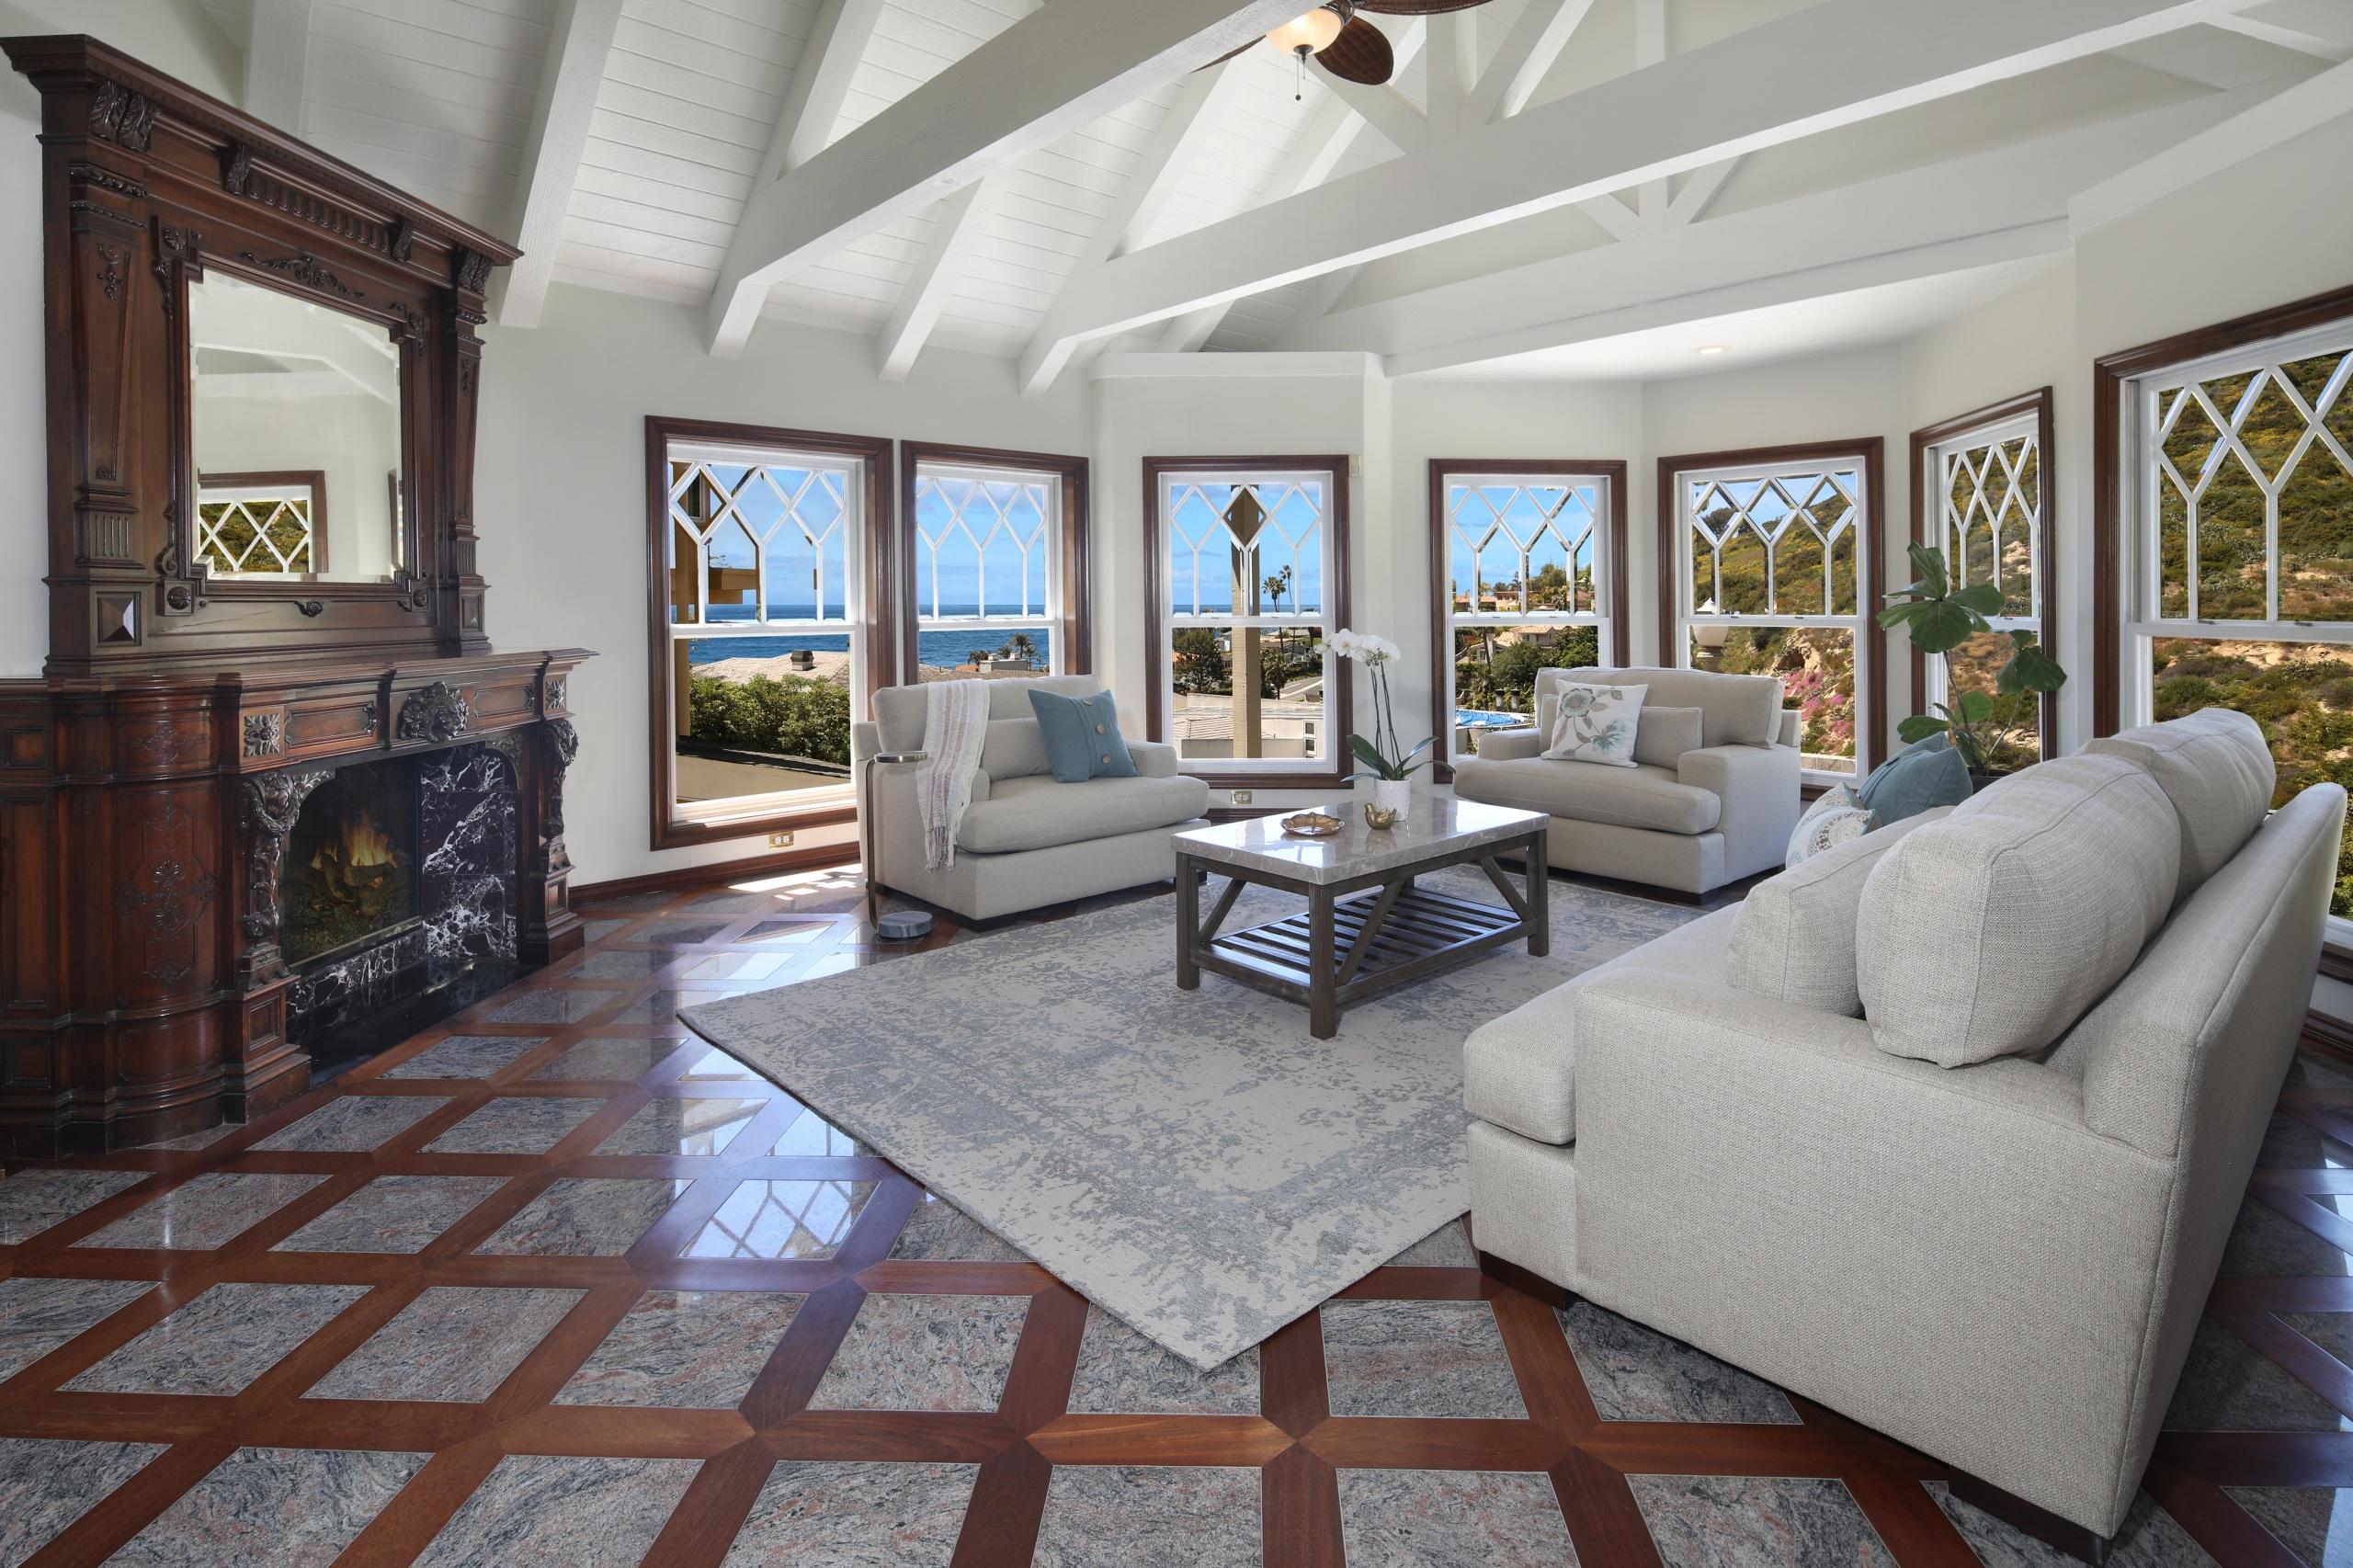 Картинка Гостиная Интерьер ковра Кресло диване Дизайн 2560x1706 гостевая ковры Ковер Диван ковров дизайна